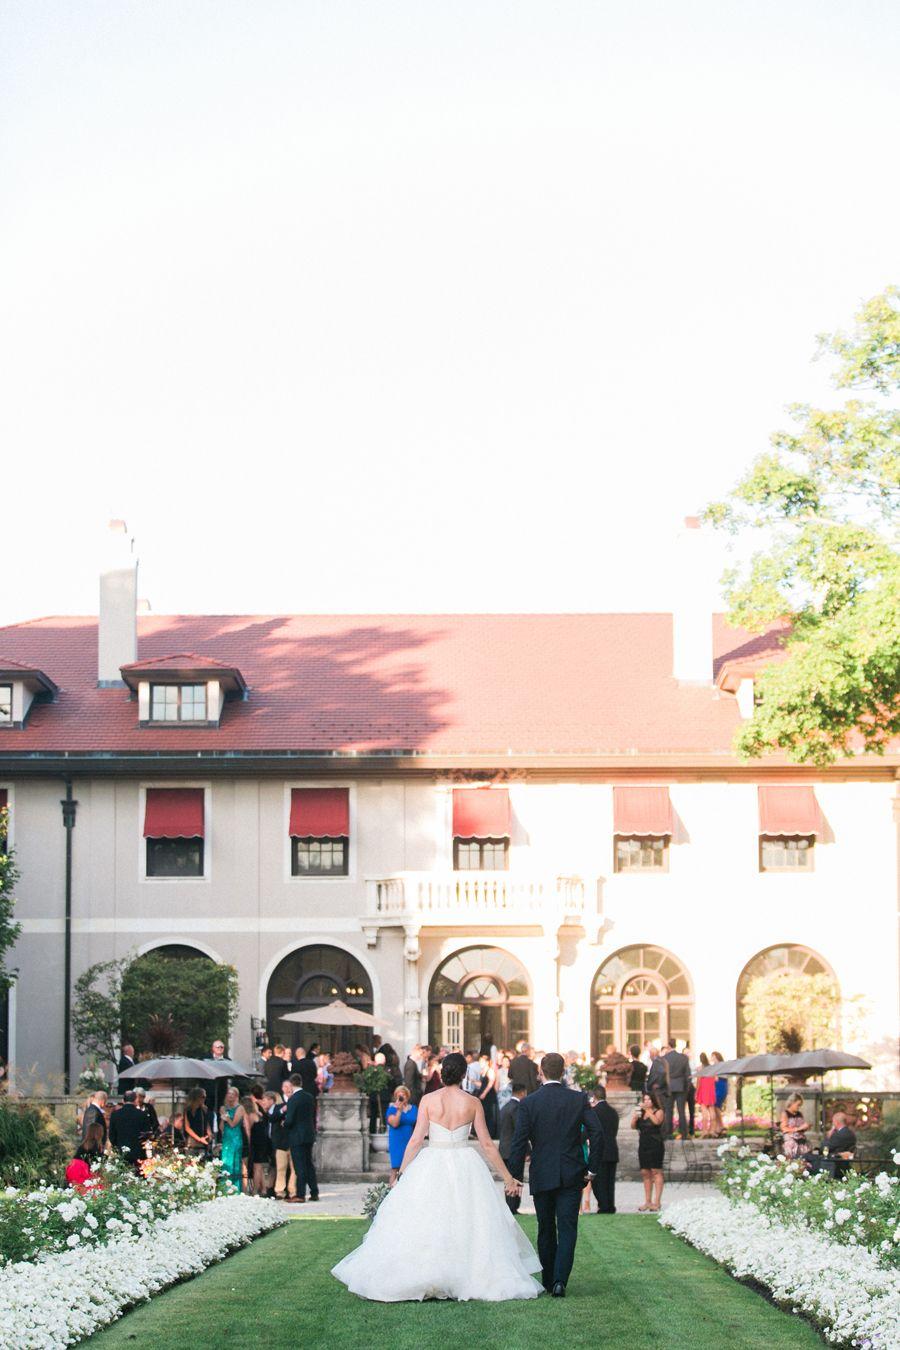 armour-house-wedding-035.jpg